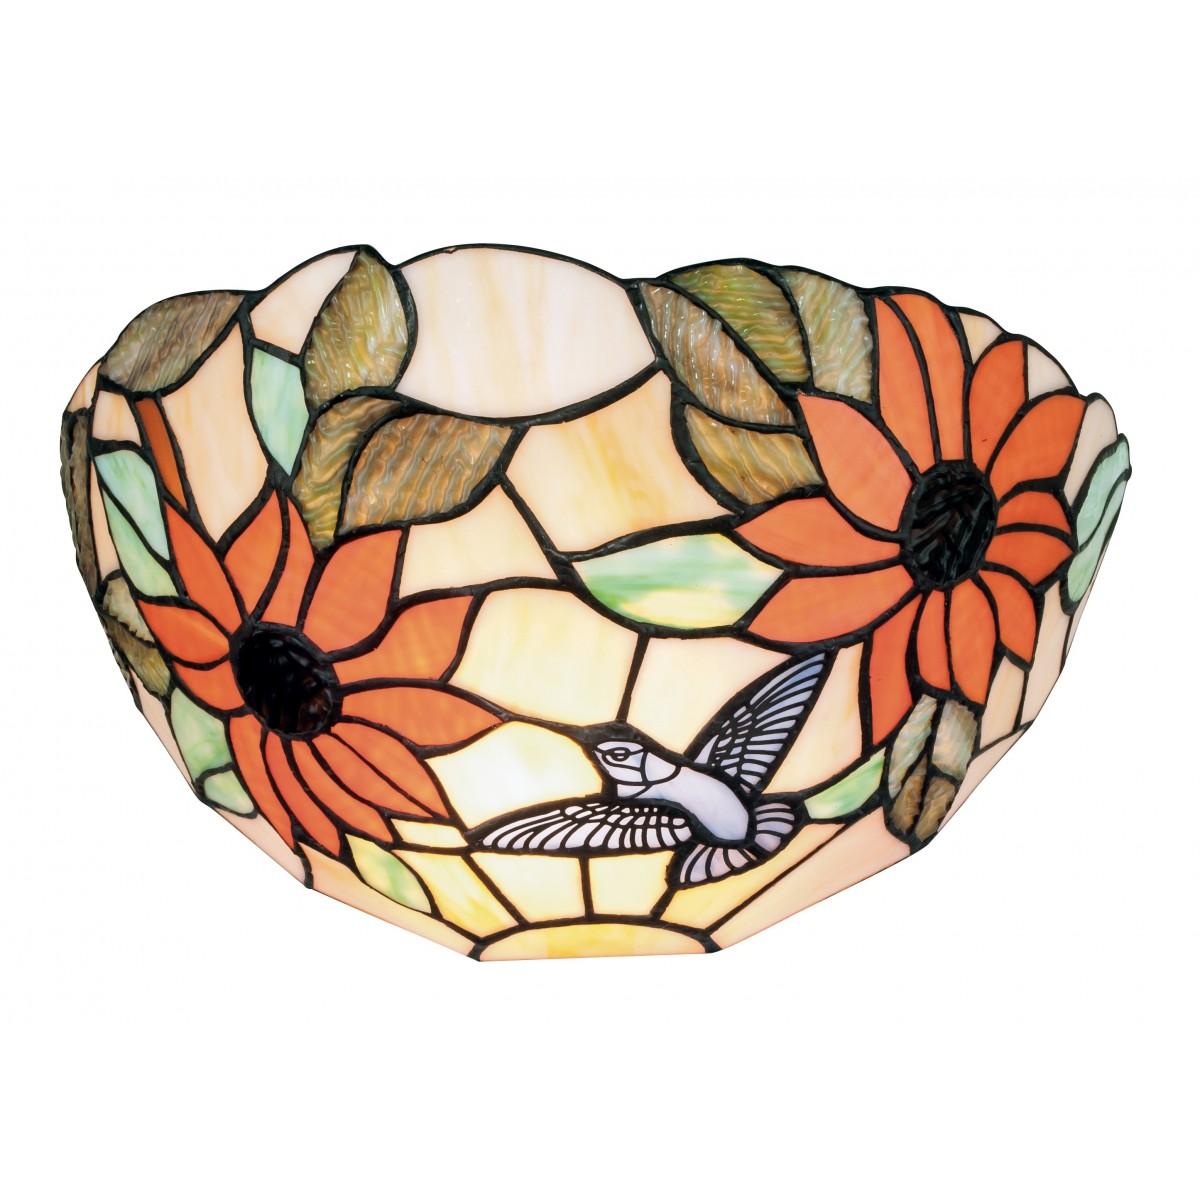 I-DAFNE-AP - Lampe à lunette classique en verre coloré à appliques florales E27